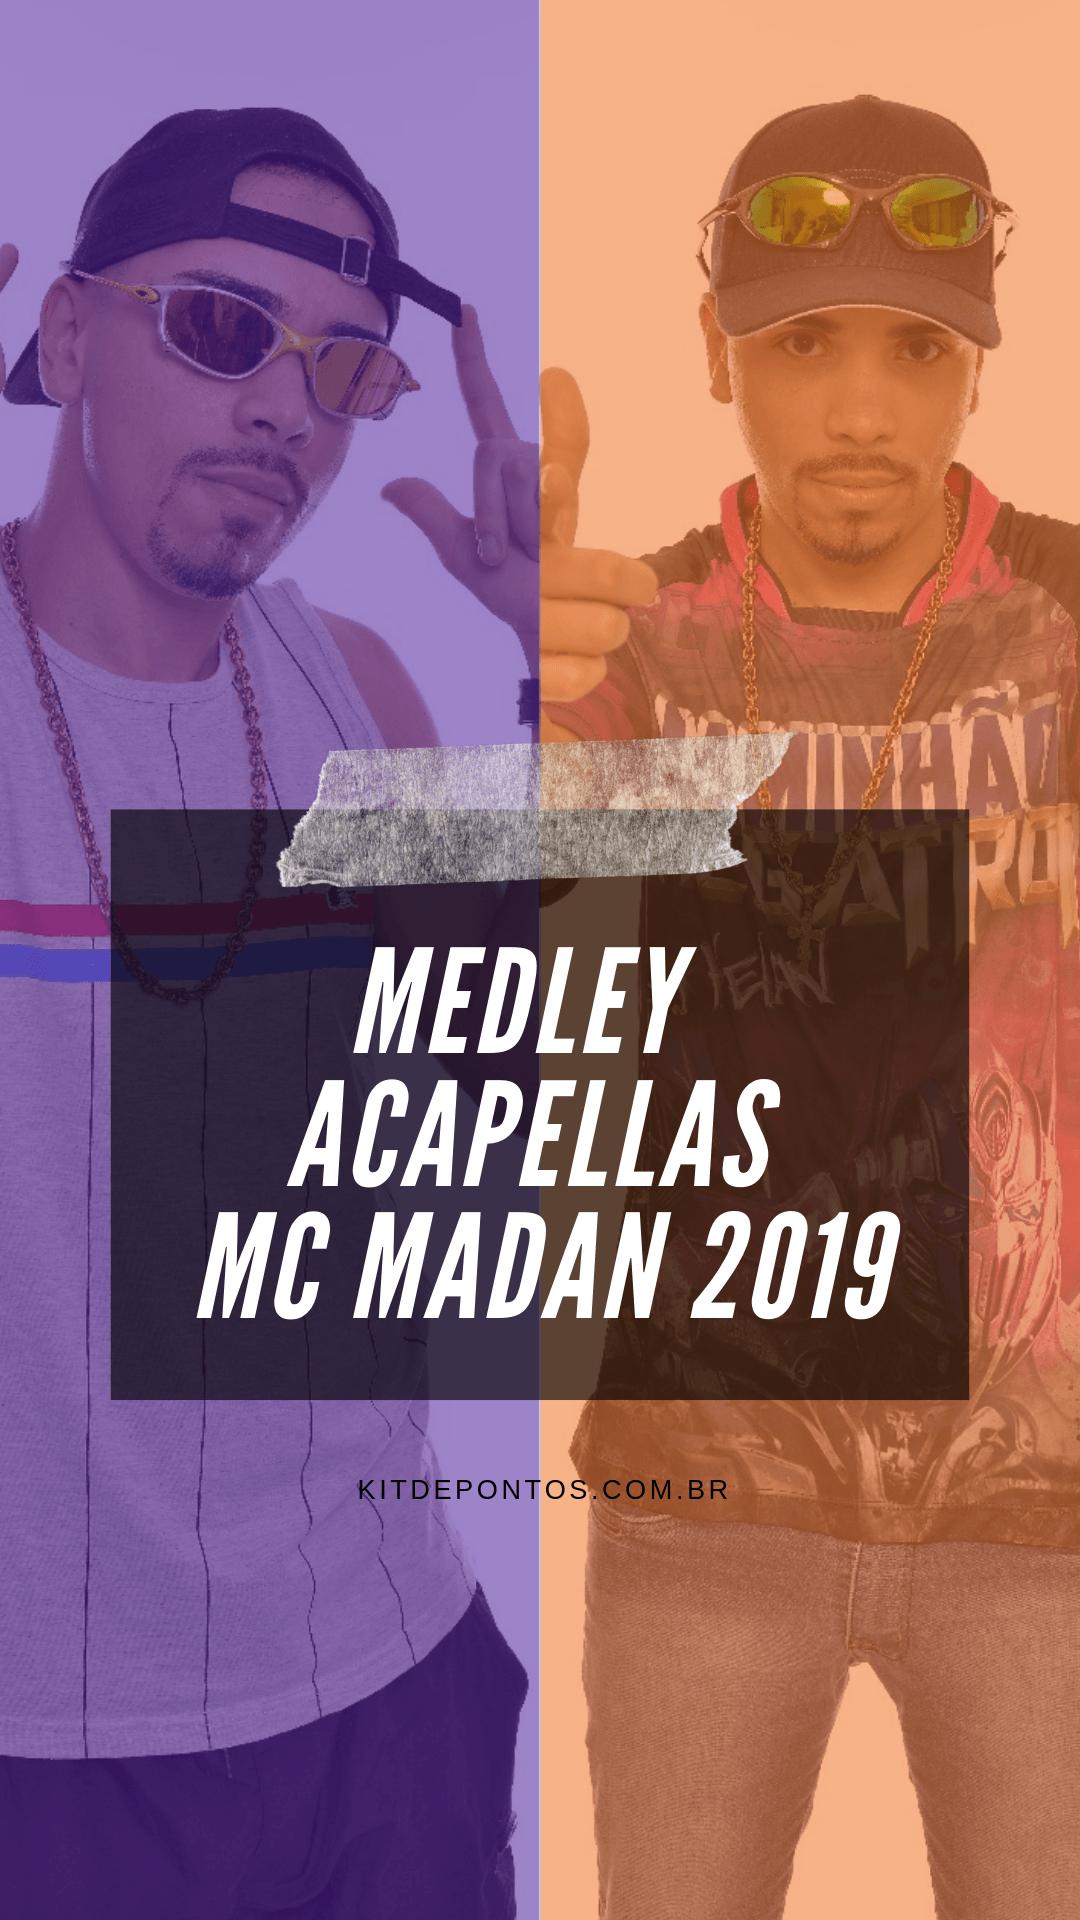 MEDLEY ACAPELLAS MC MADAN 2019